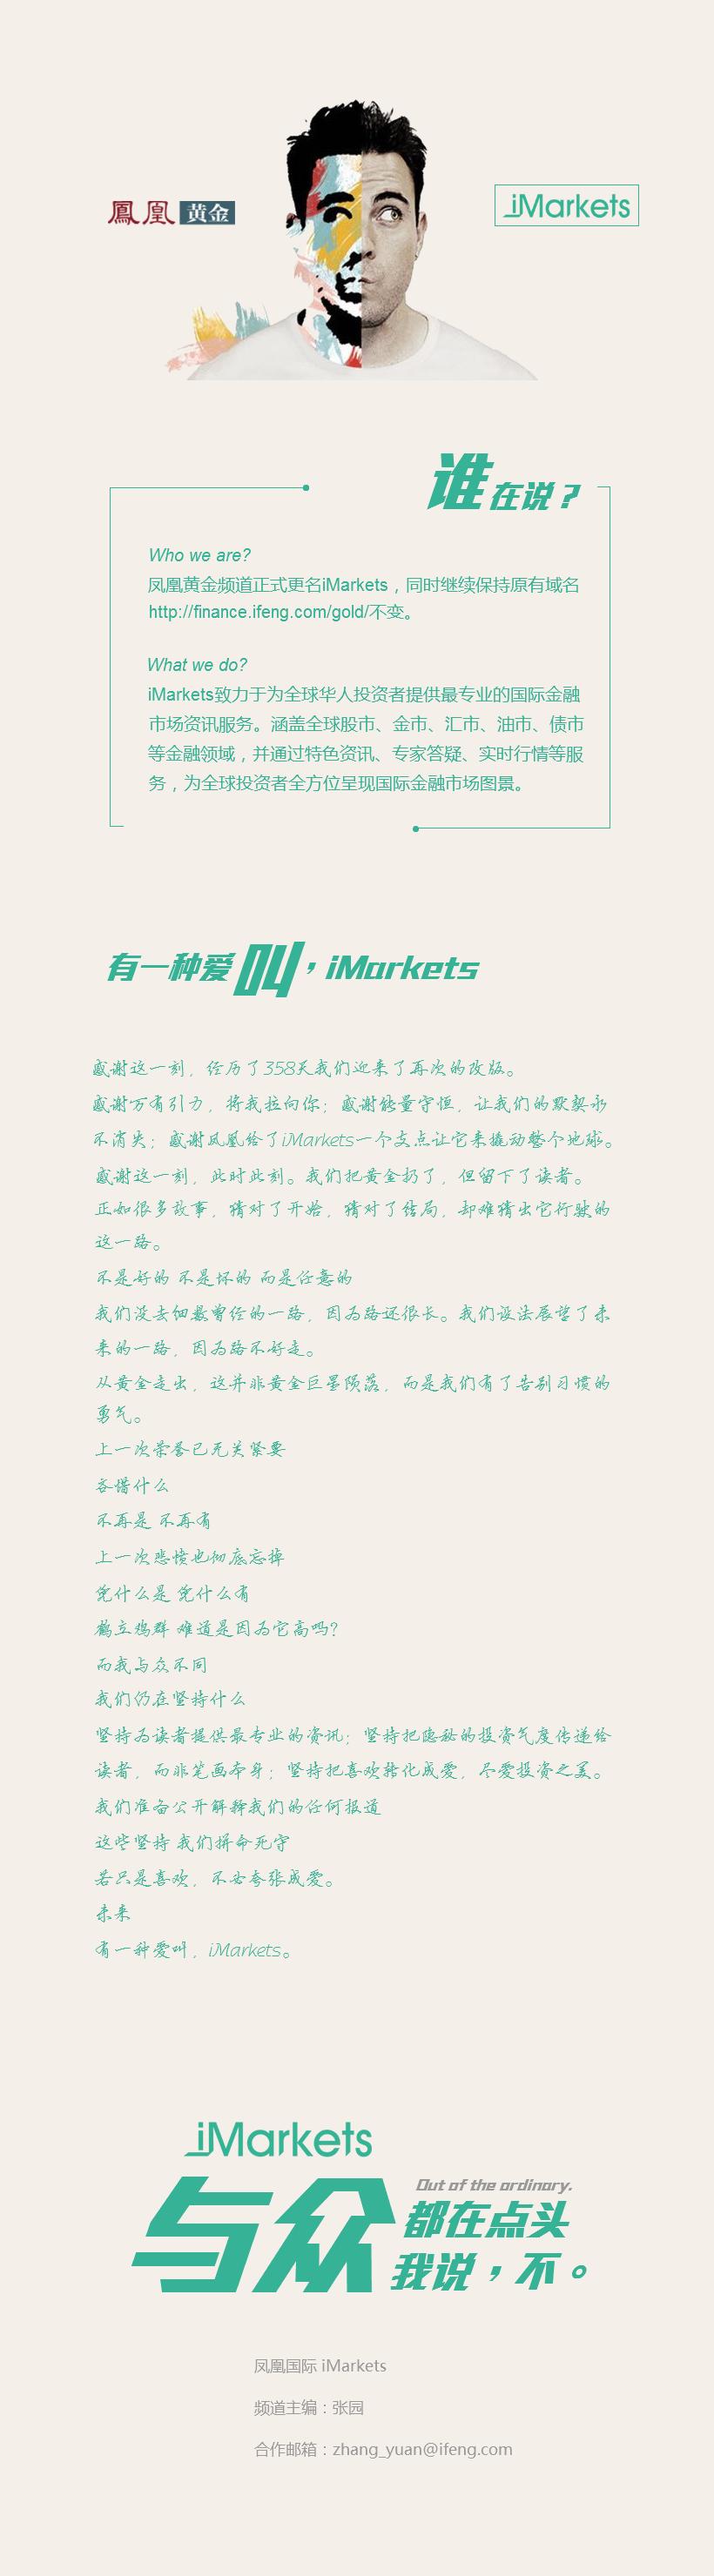 有一种爱叫,iMarkets。